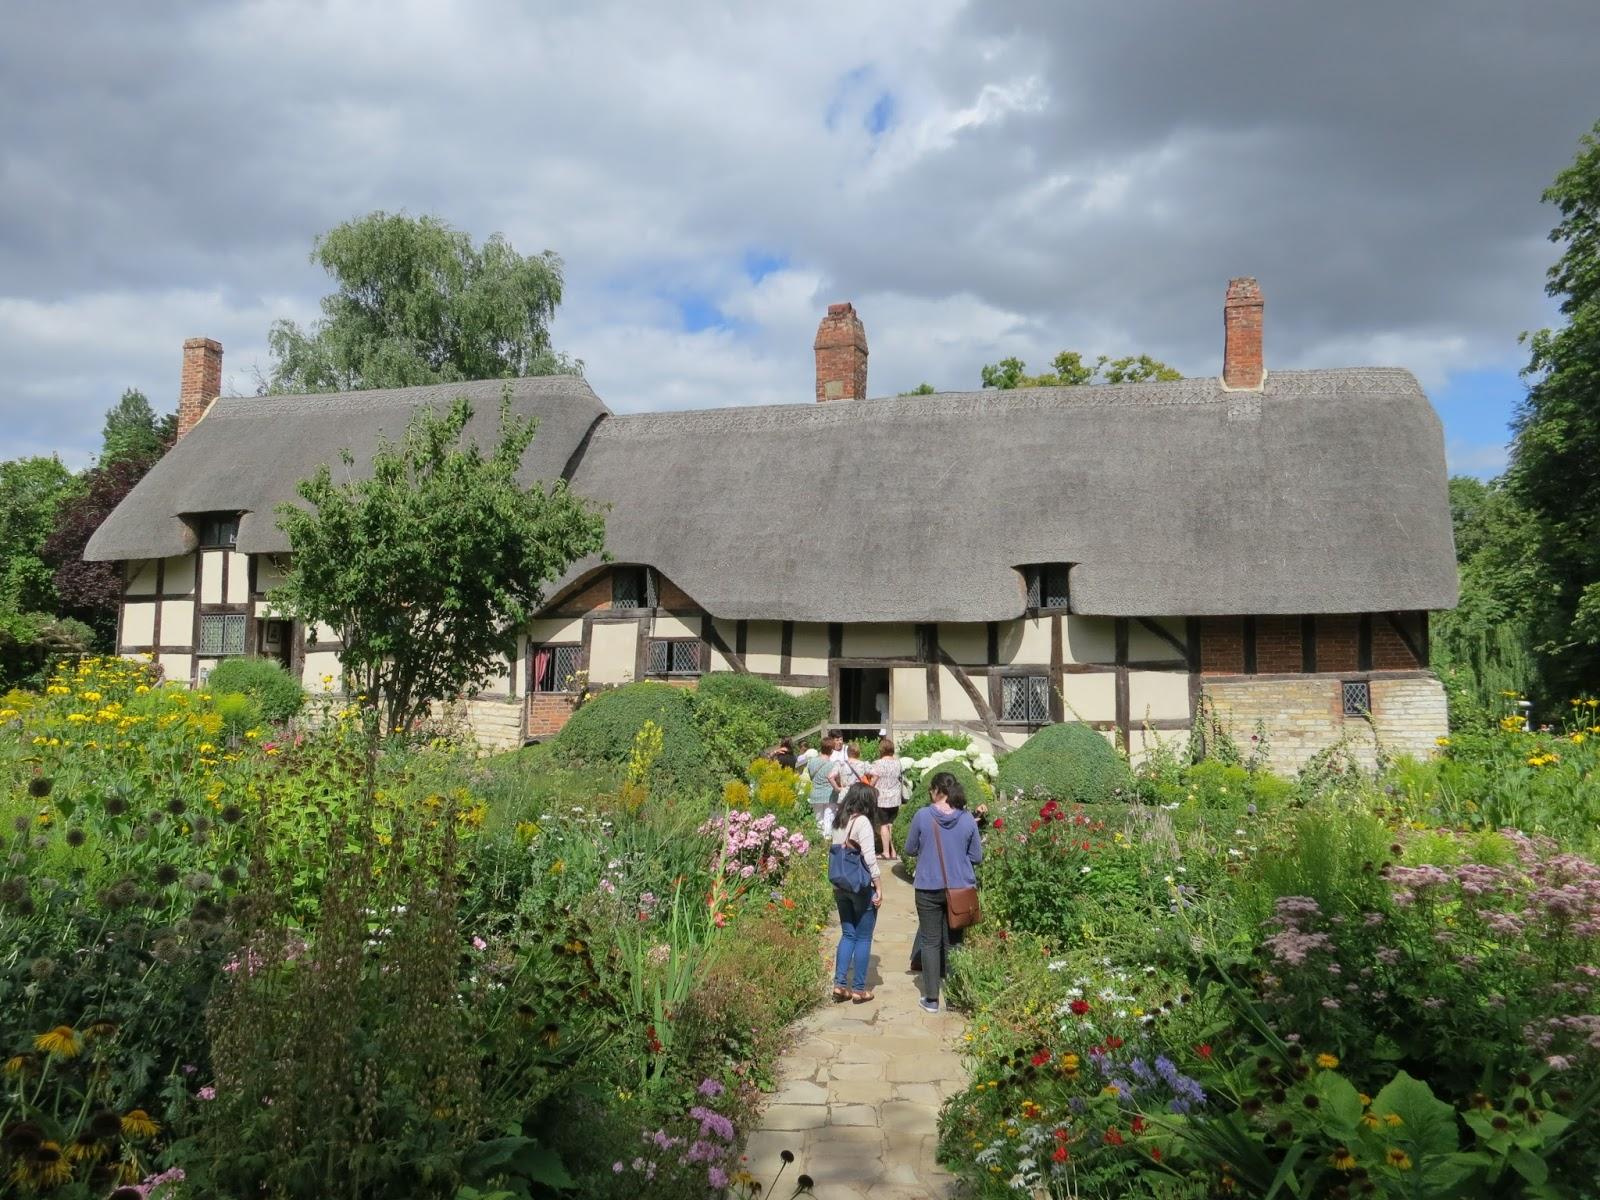 Qui m 39 aime me suive stratford upon avon le village de shakespeare - Faire peur aux oiseaux jardin ...